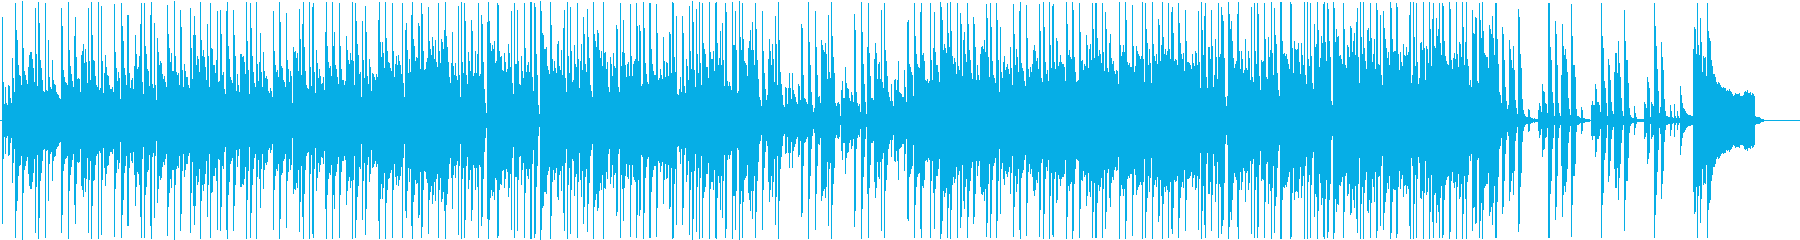 商品説明等のBGMや日常シーン向けBGMの再生済みの波形